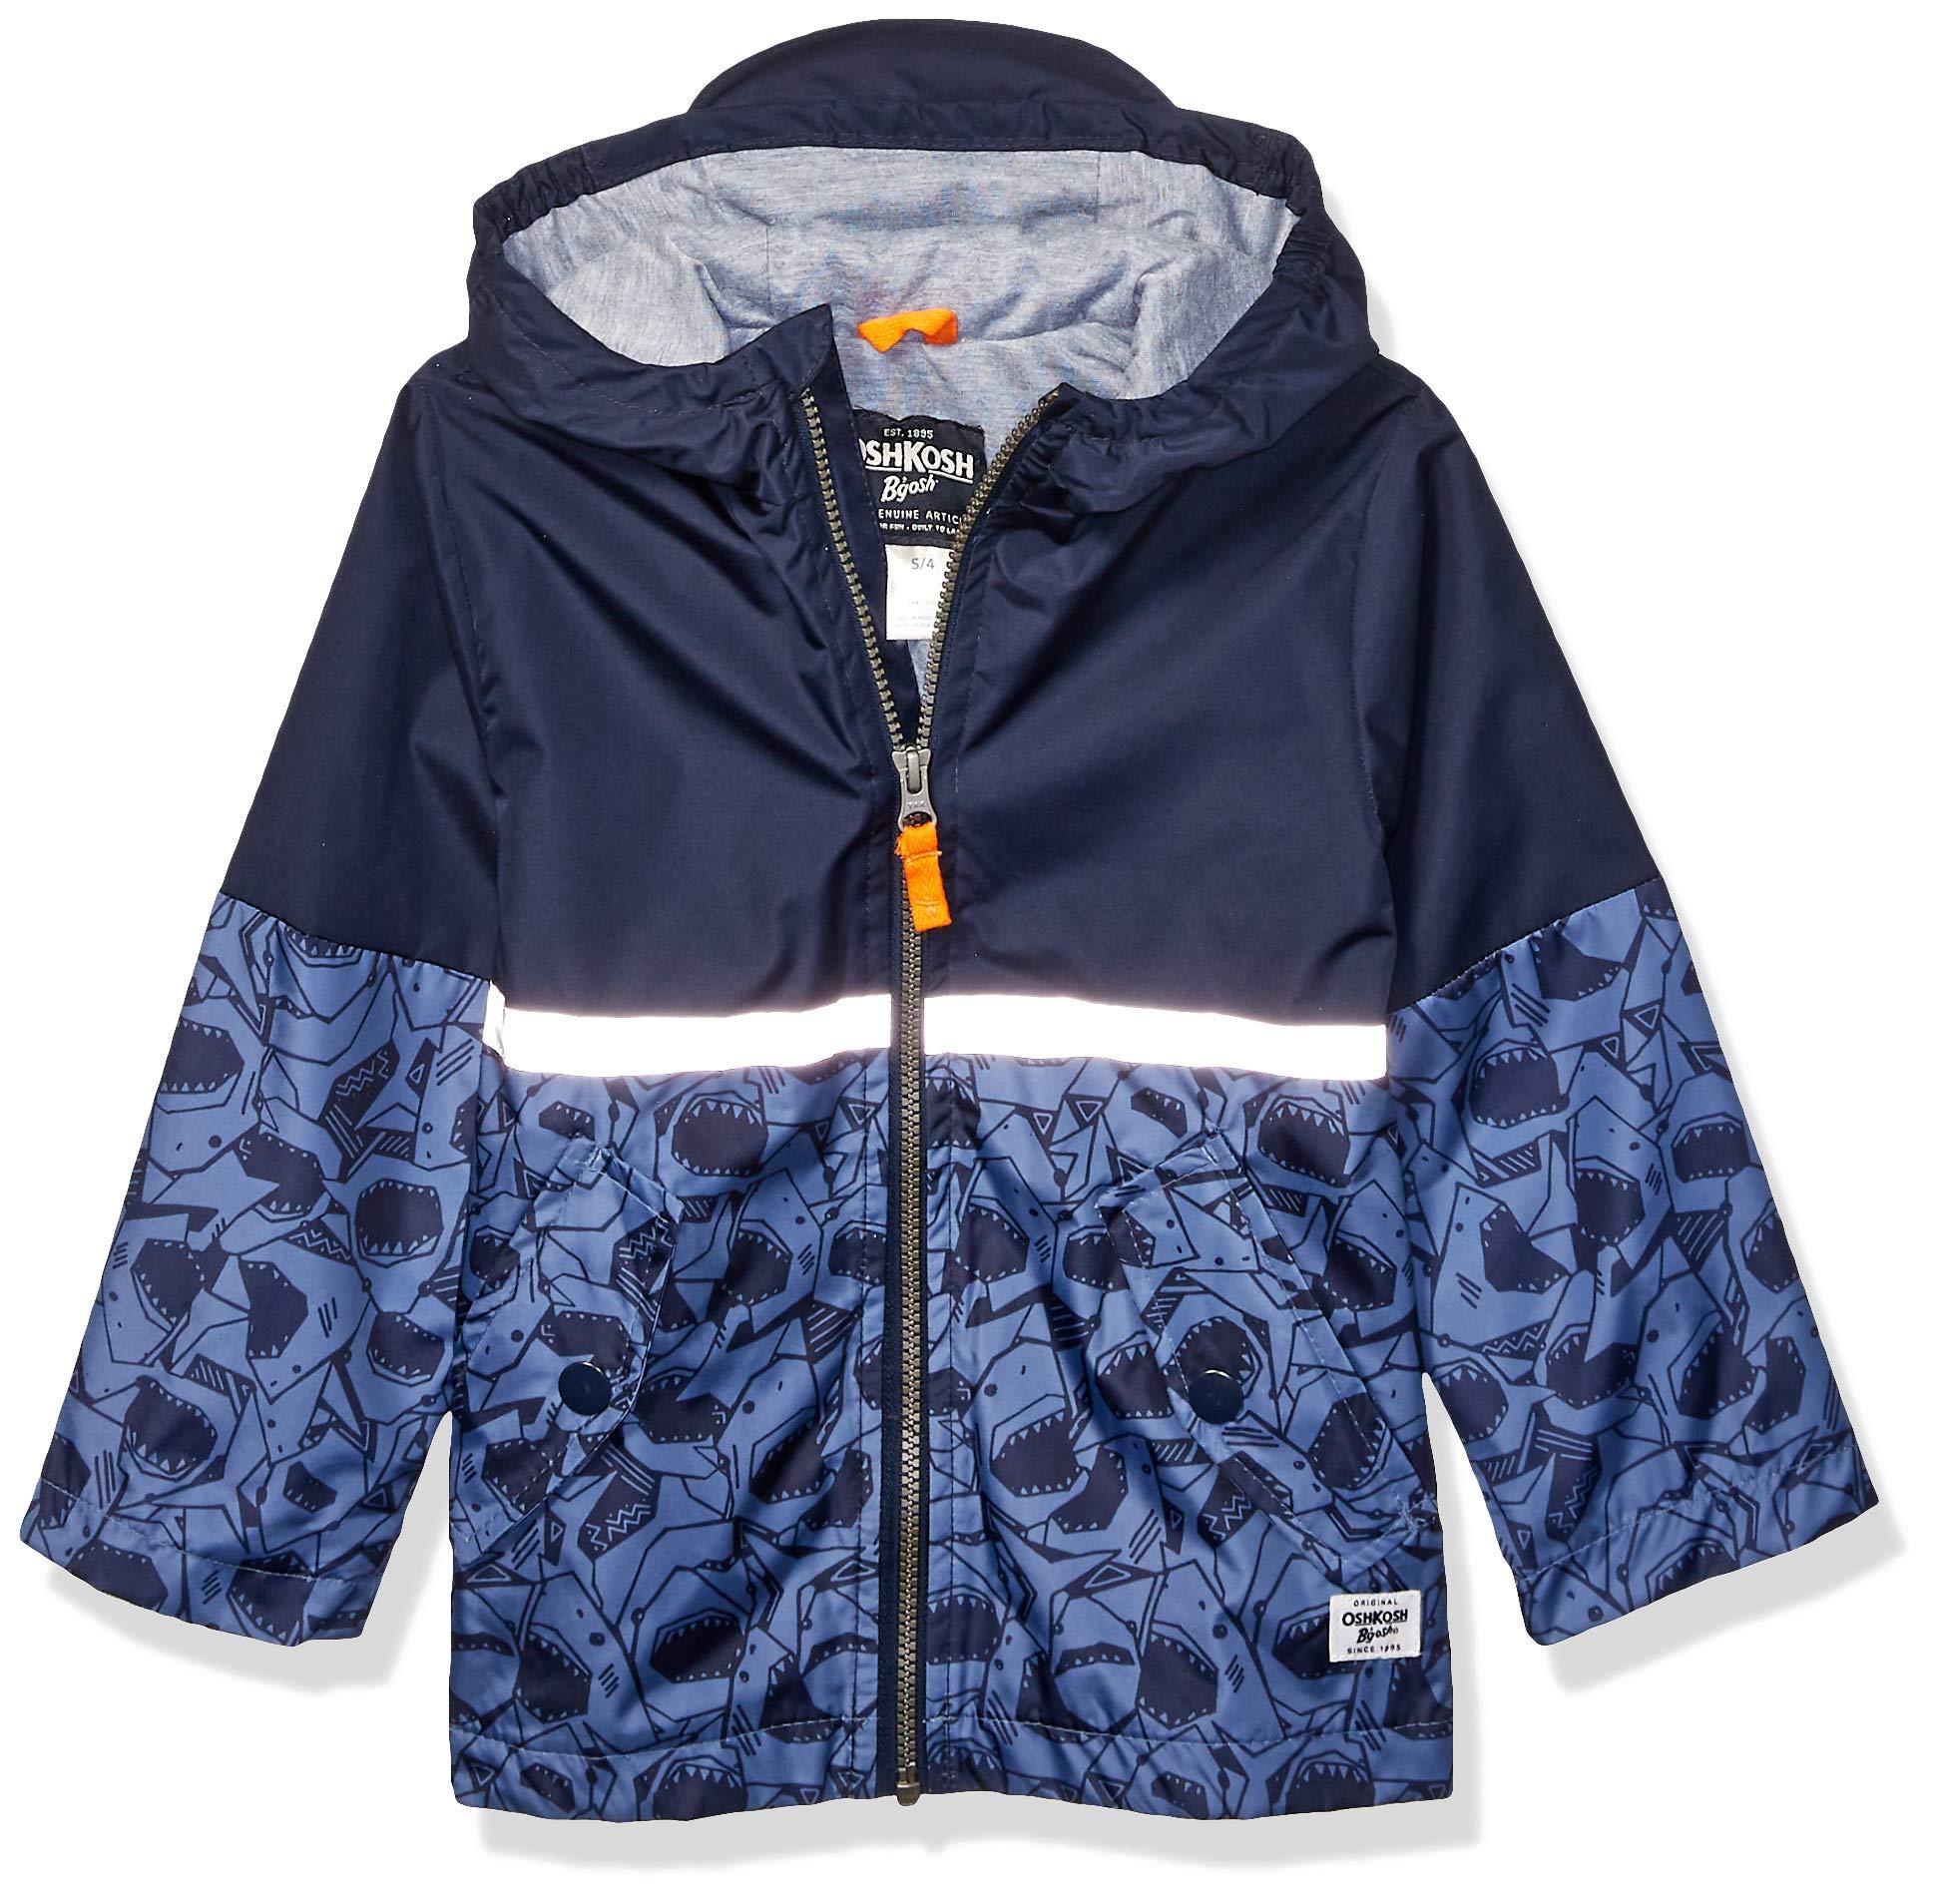 OshKosh B'Gosh Boys' Little Perfect Rainjacket Rainslicker Raincoat, Navy Shark with Reflective, 7 by OshKosh B'Gosh